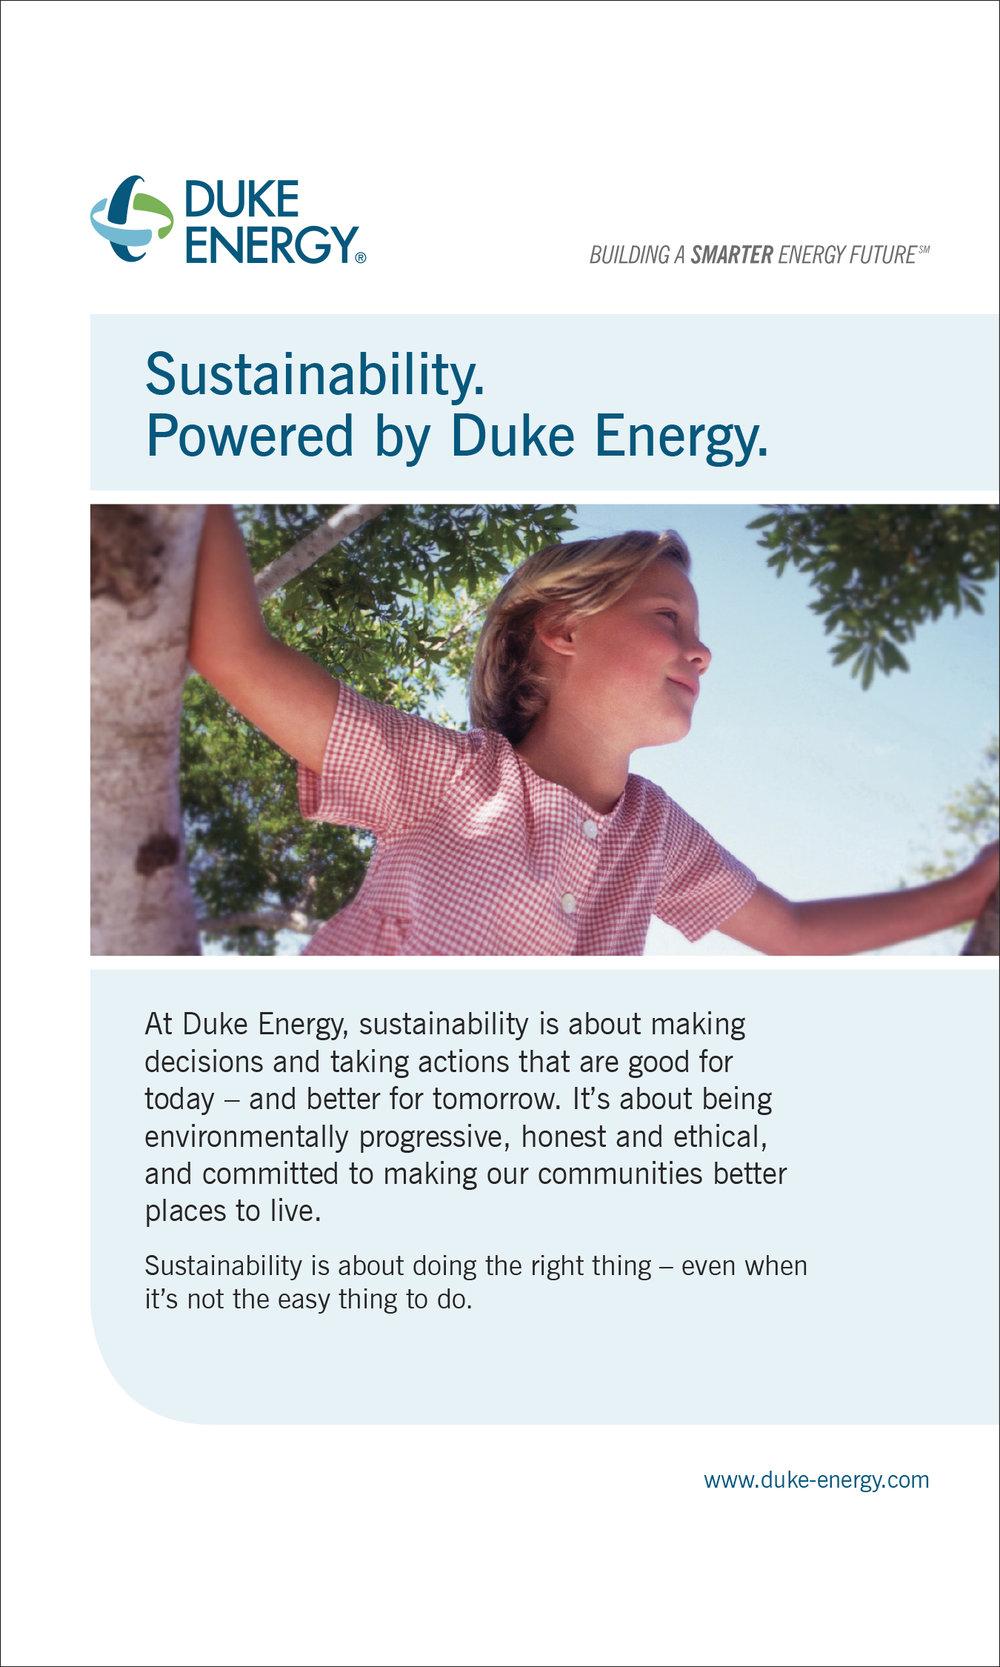 DUKE ENERGY_'18.jpg